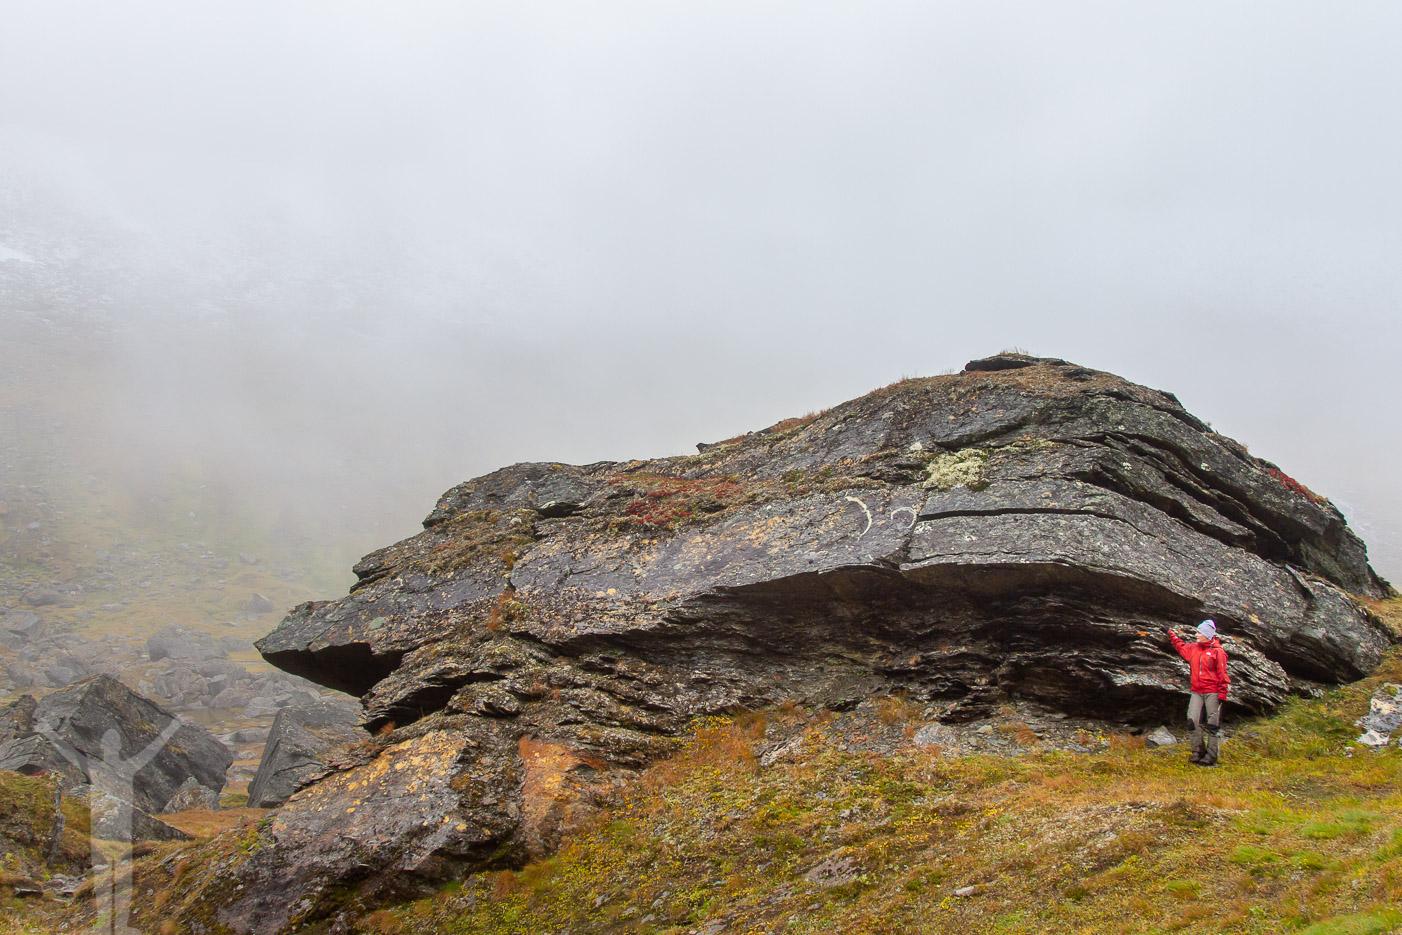 Stora klippblock på vägen till Trollsjön